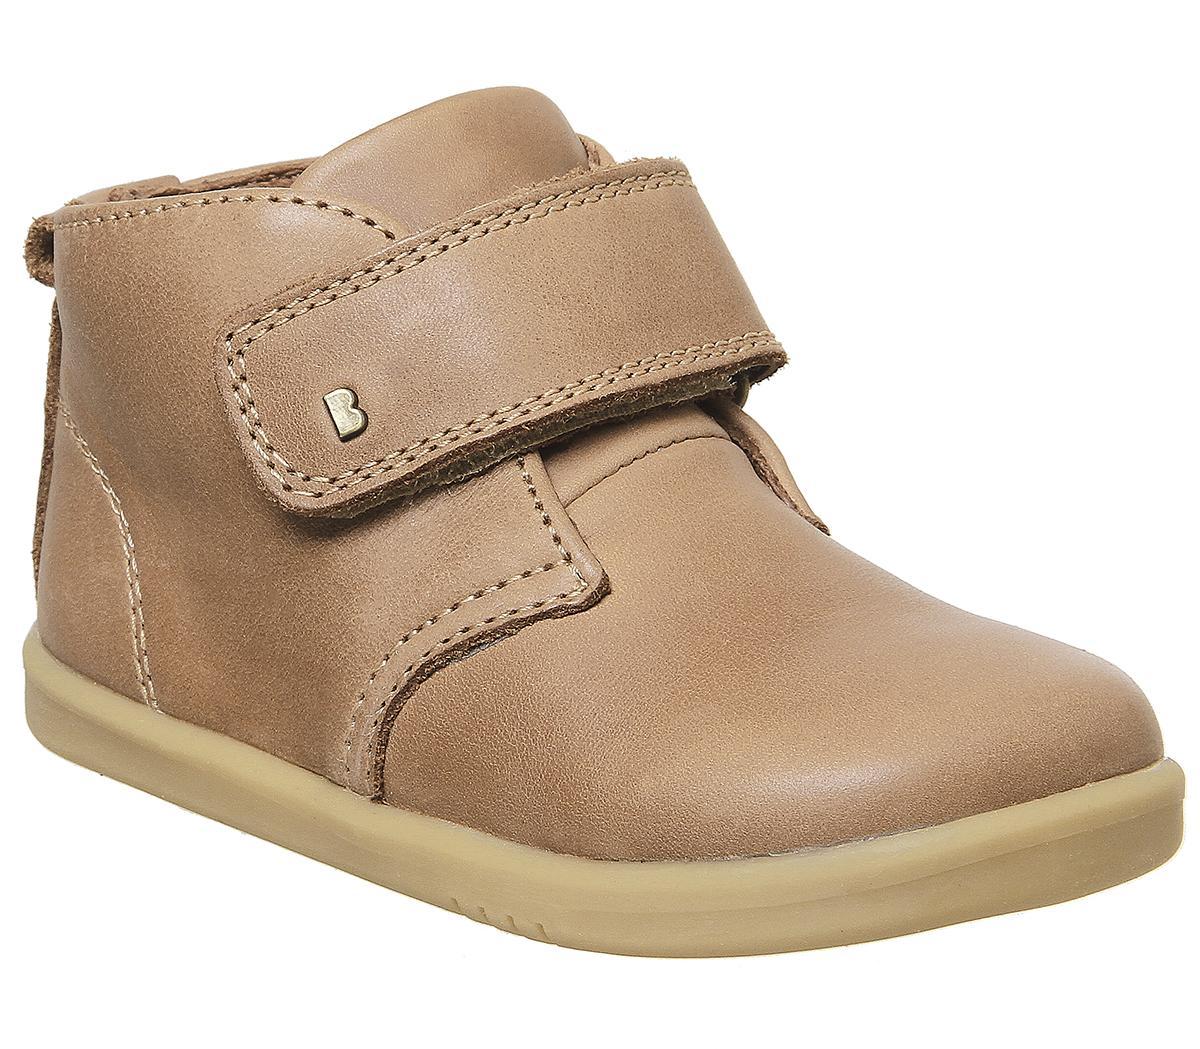 Bobux Unisex Kids Desert Boots